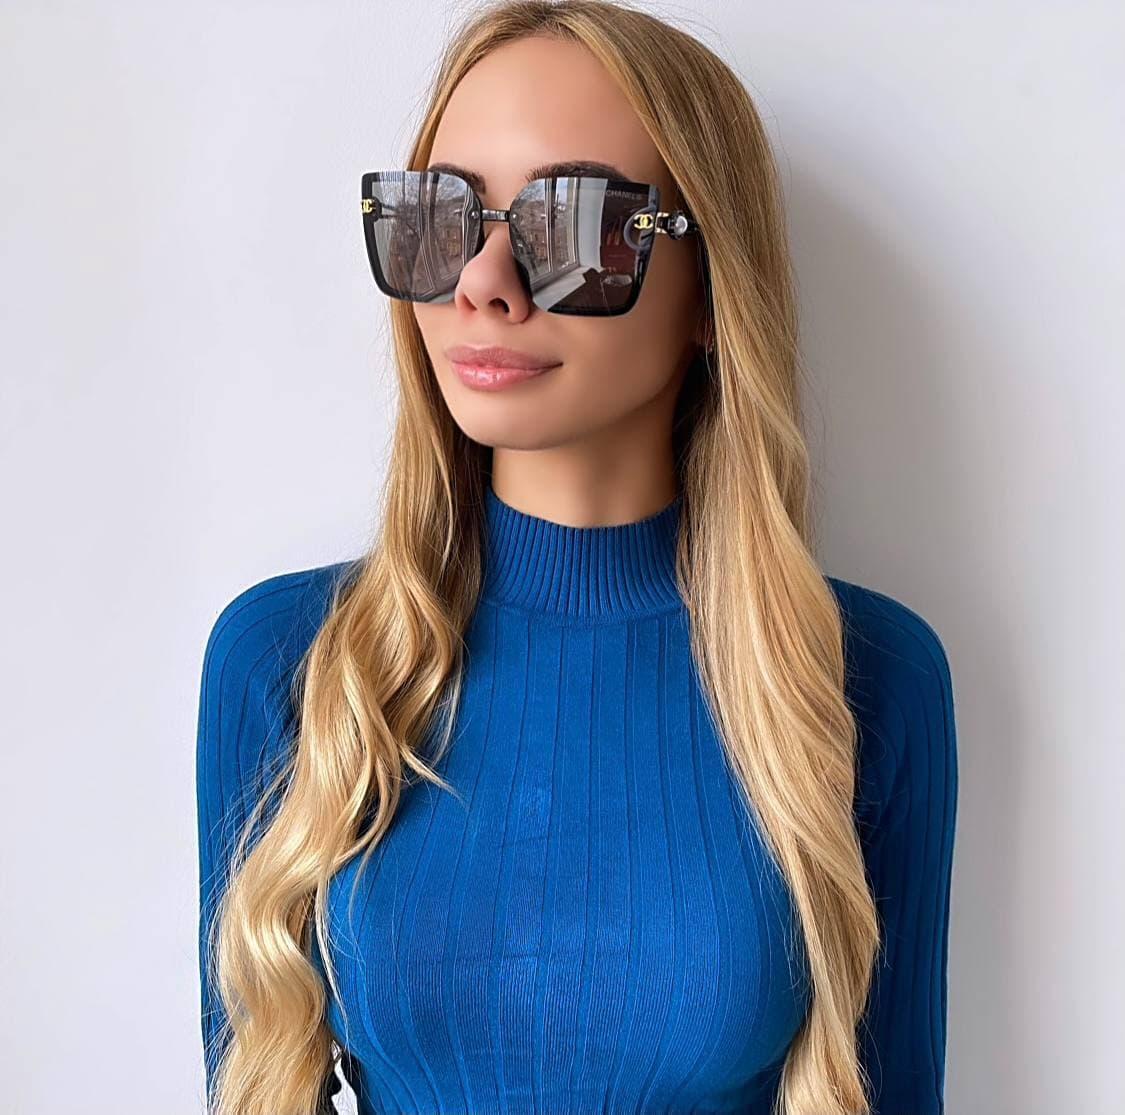 Жіночі чорні сонцезахисні окуляри з бусинкою